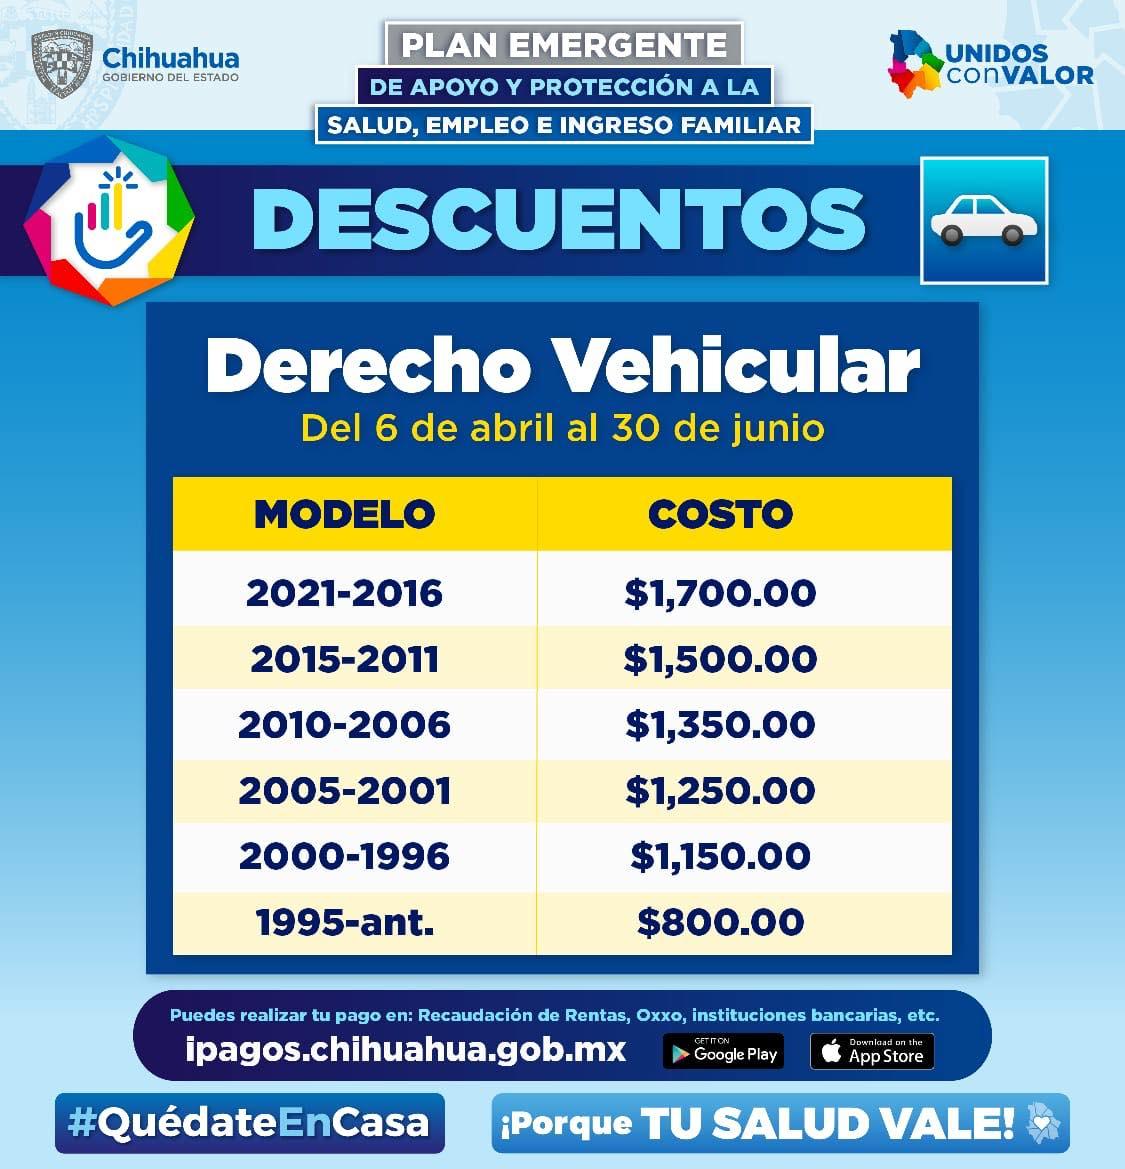 Derecho vehicular 2020